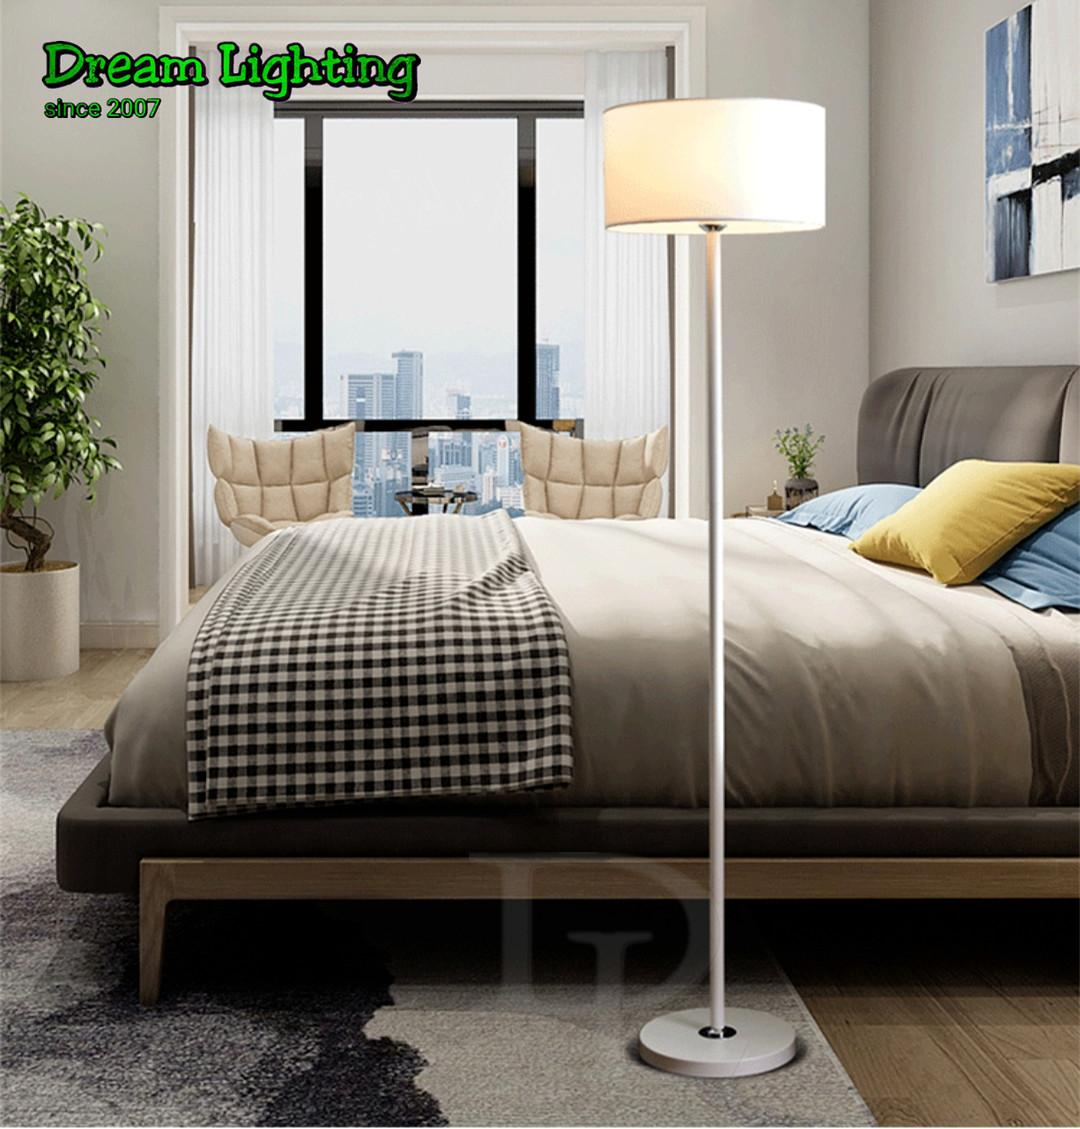 Floor Stand Lamp decorative lights Living Bedroom